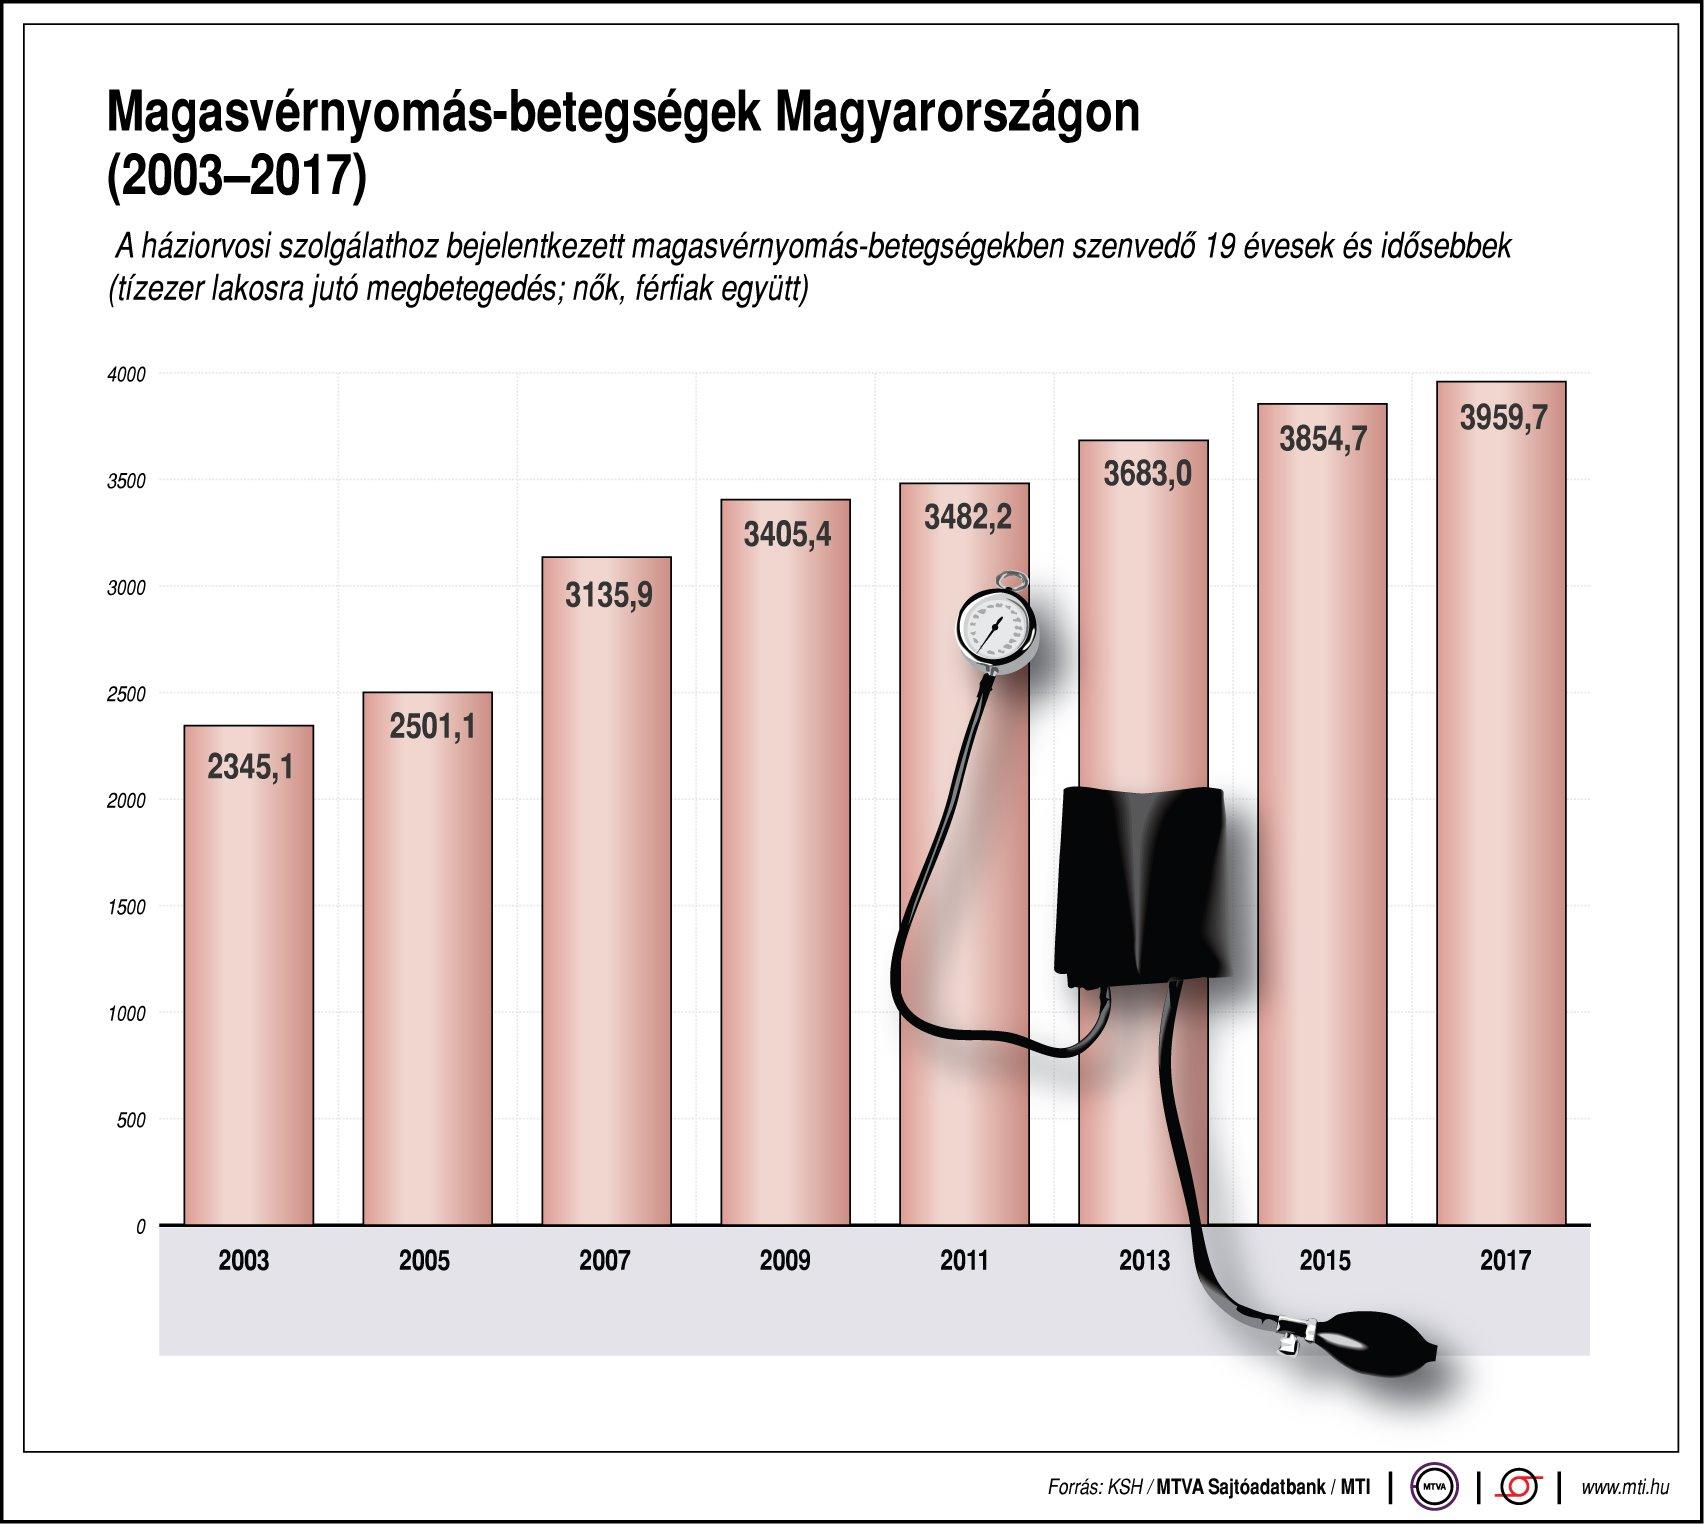 magas vérnyomásban szenvedő kardiológusnál 60 éves férfi magas vérnyomás